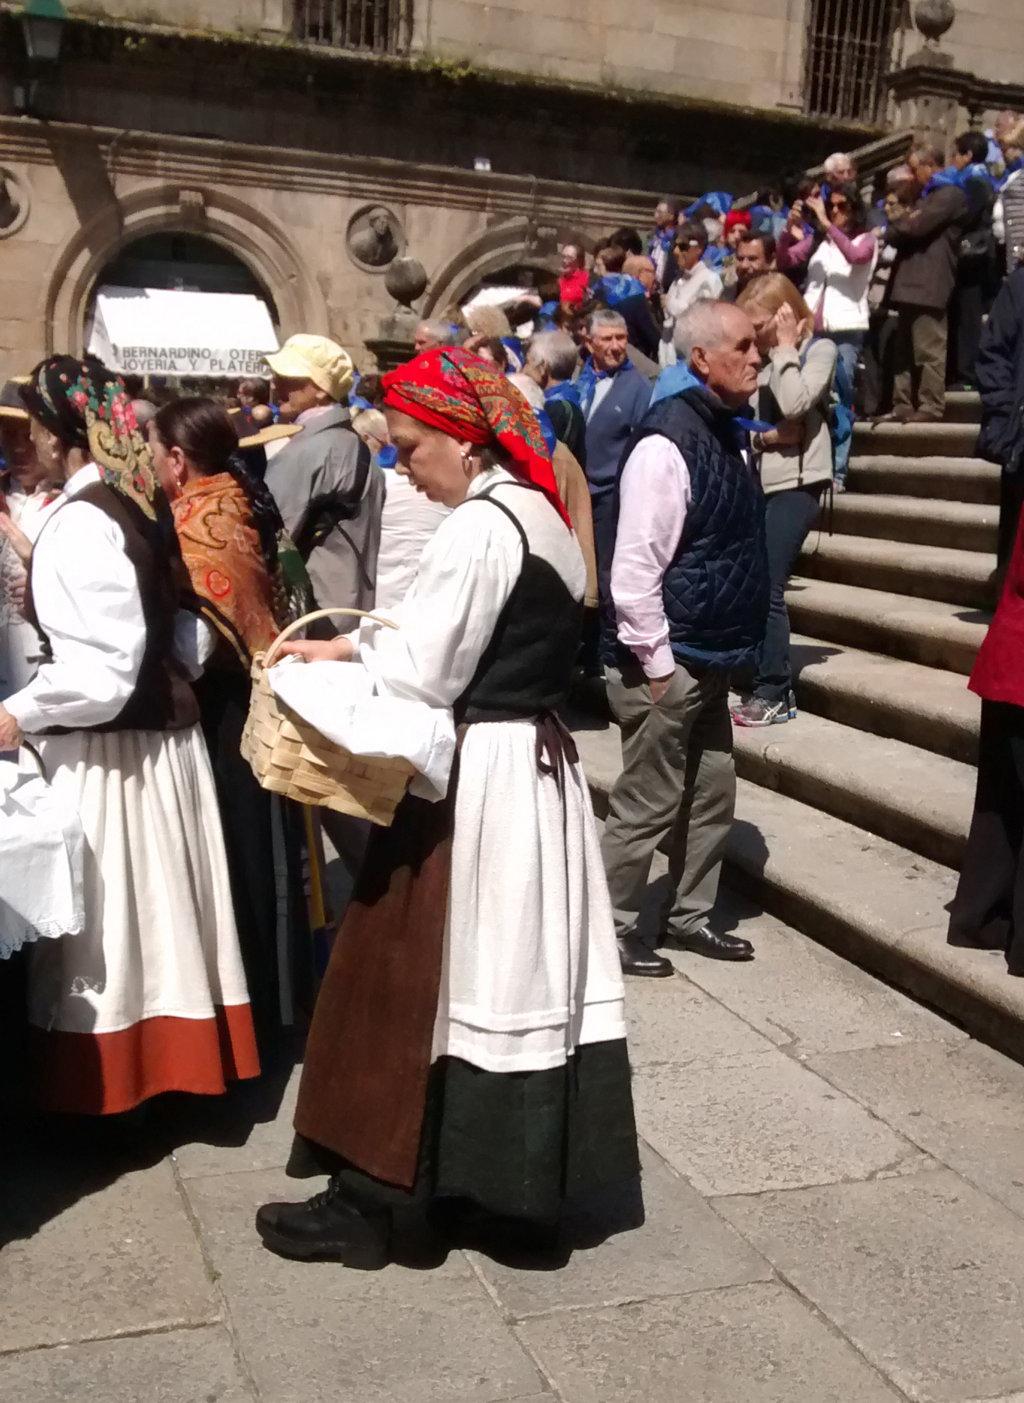 Muller con traxe galego e zocos